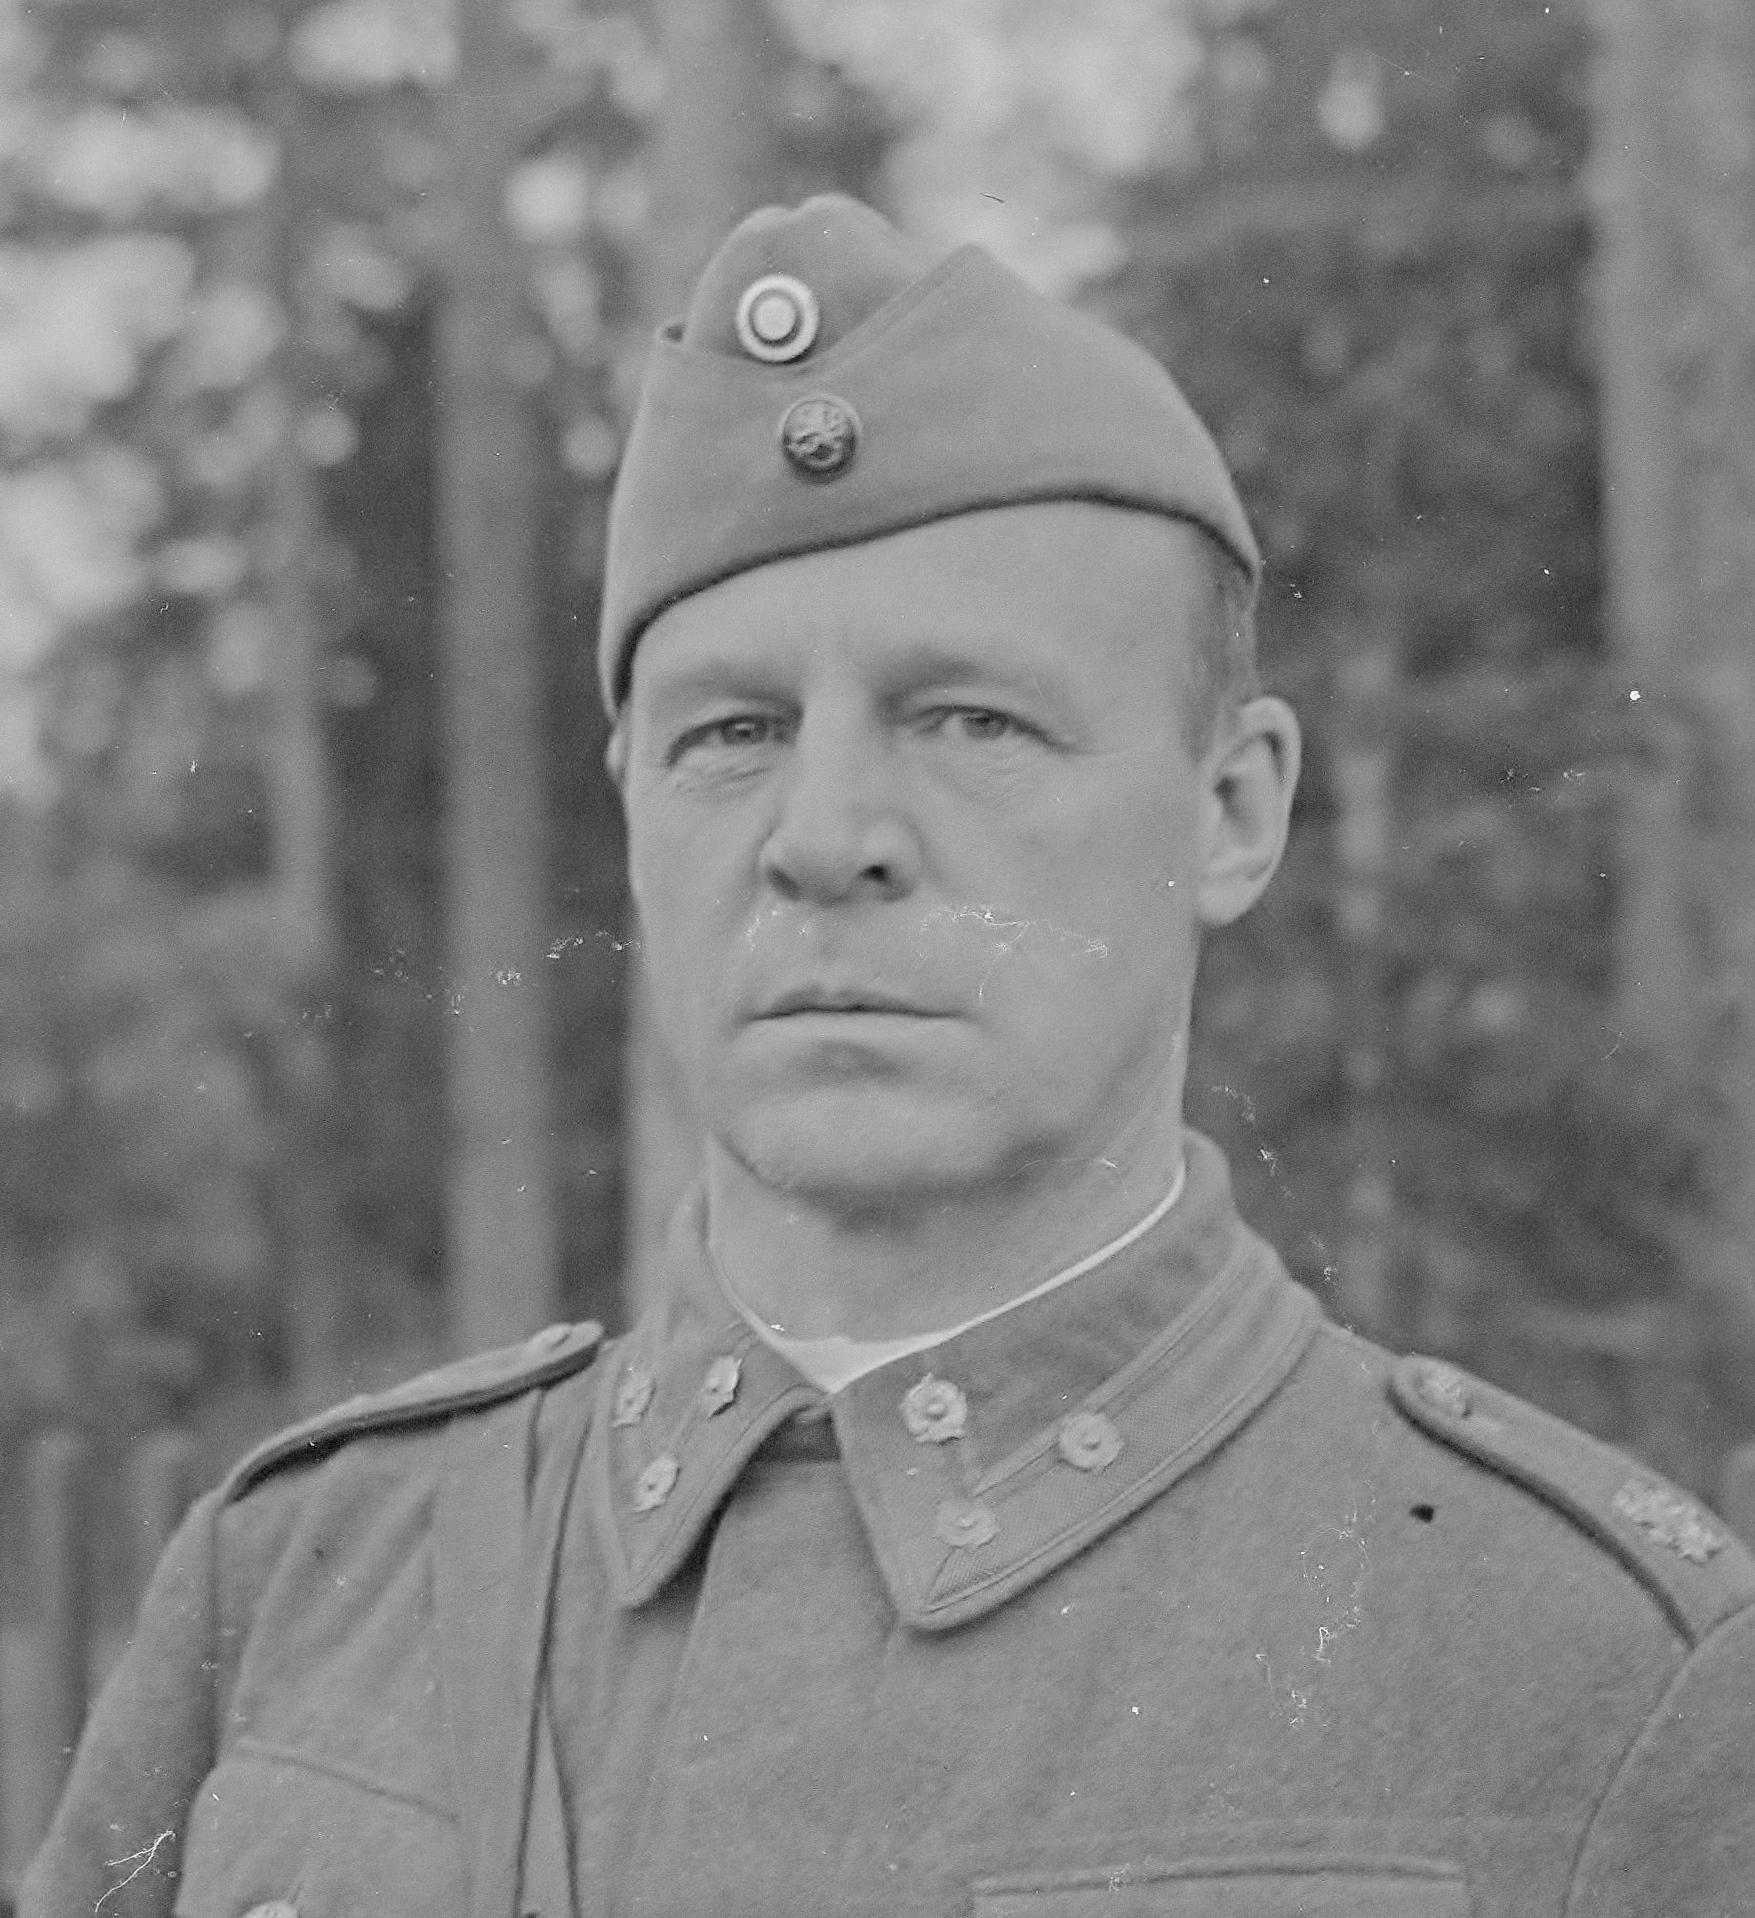 1. Ev._Einar_Vihma_Seivst_Tyrisev_13.10.1941